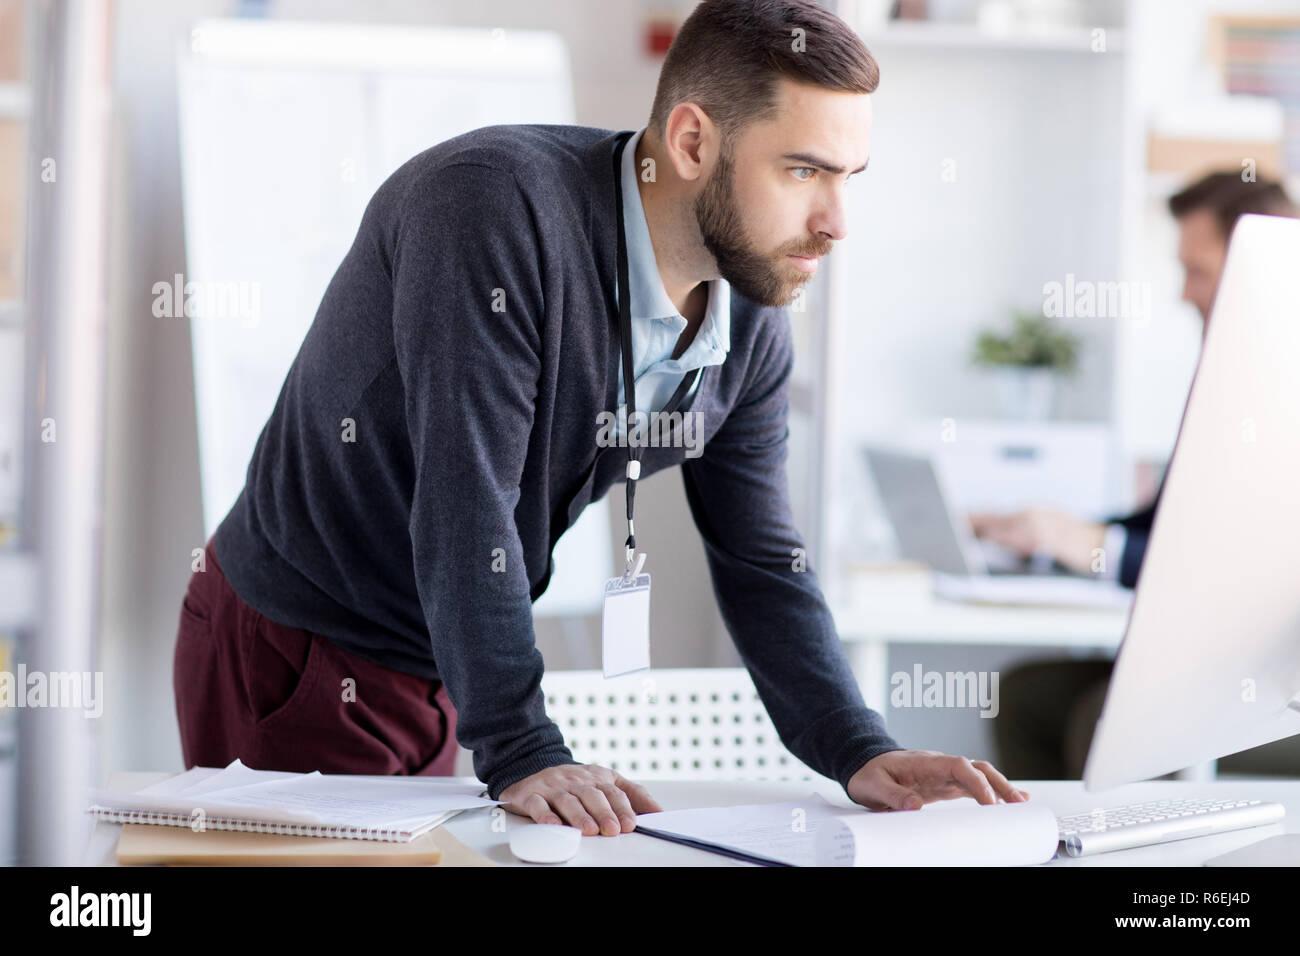 Homme d'affaires à l'aide d'ordinateur nerveux Photo Stock